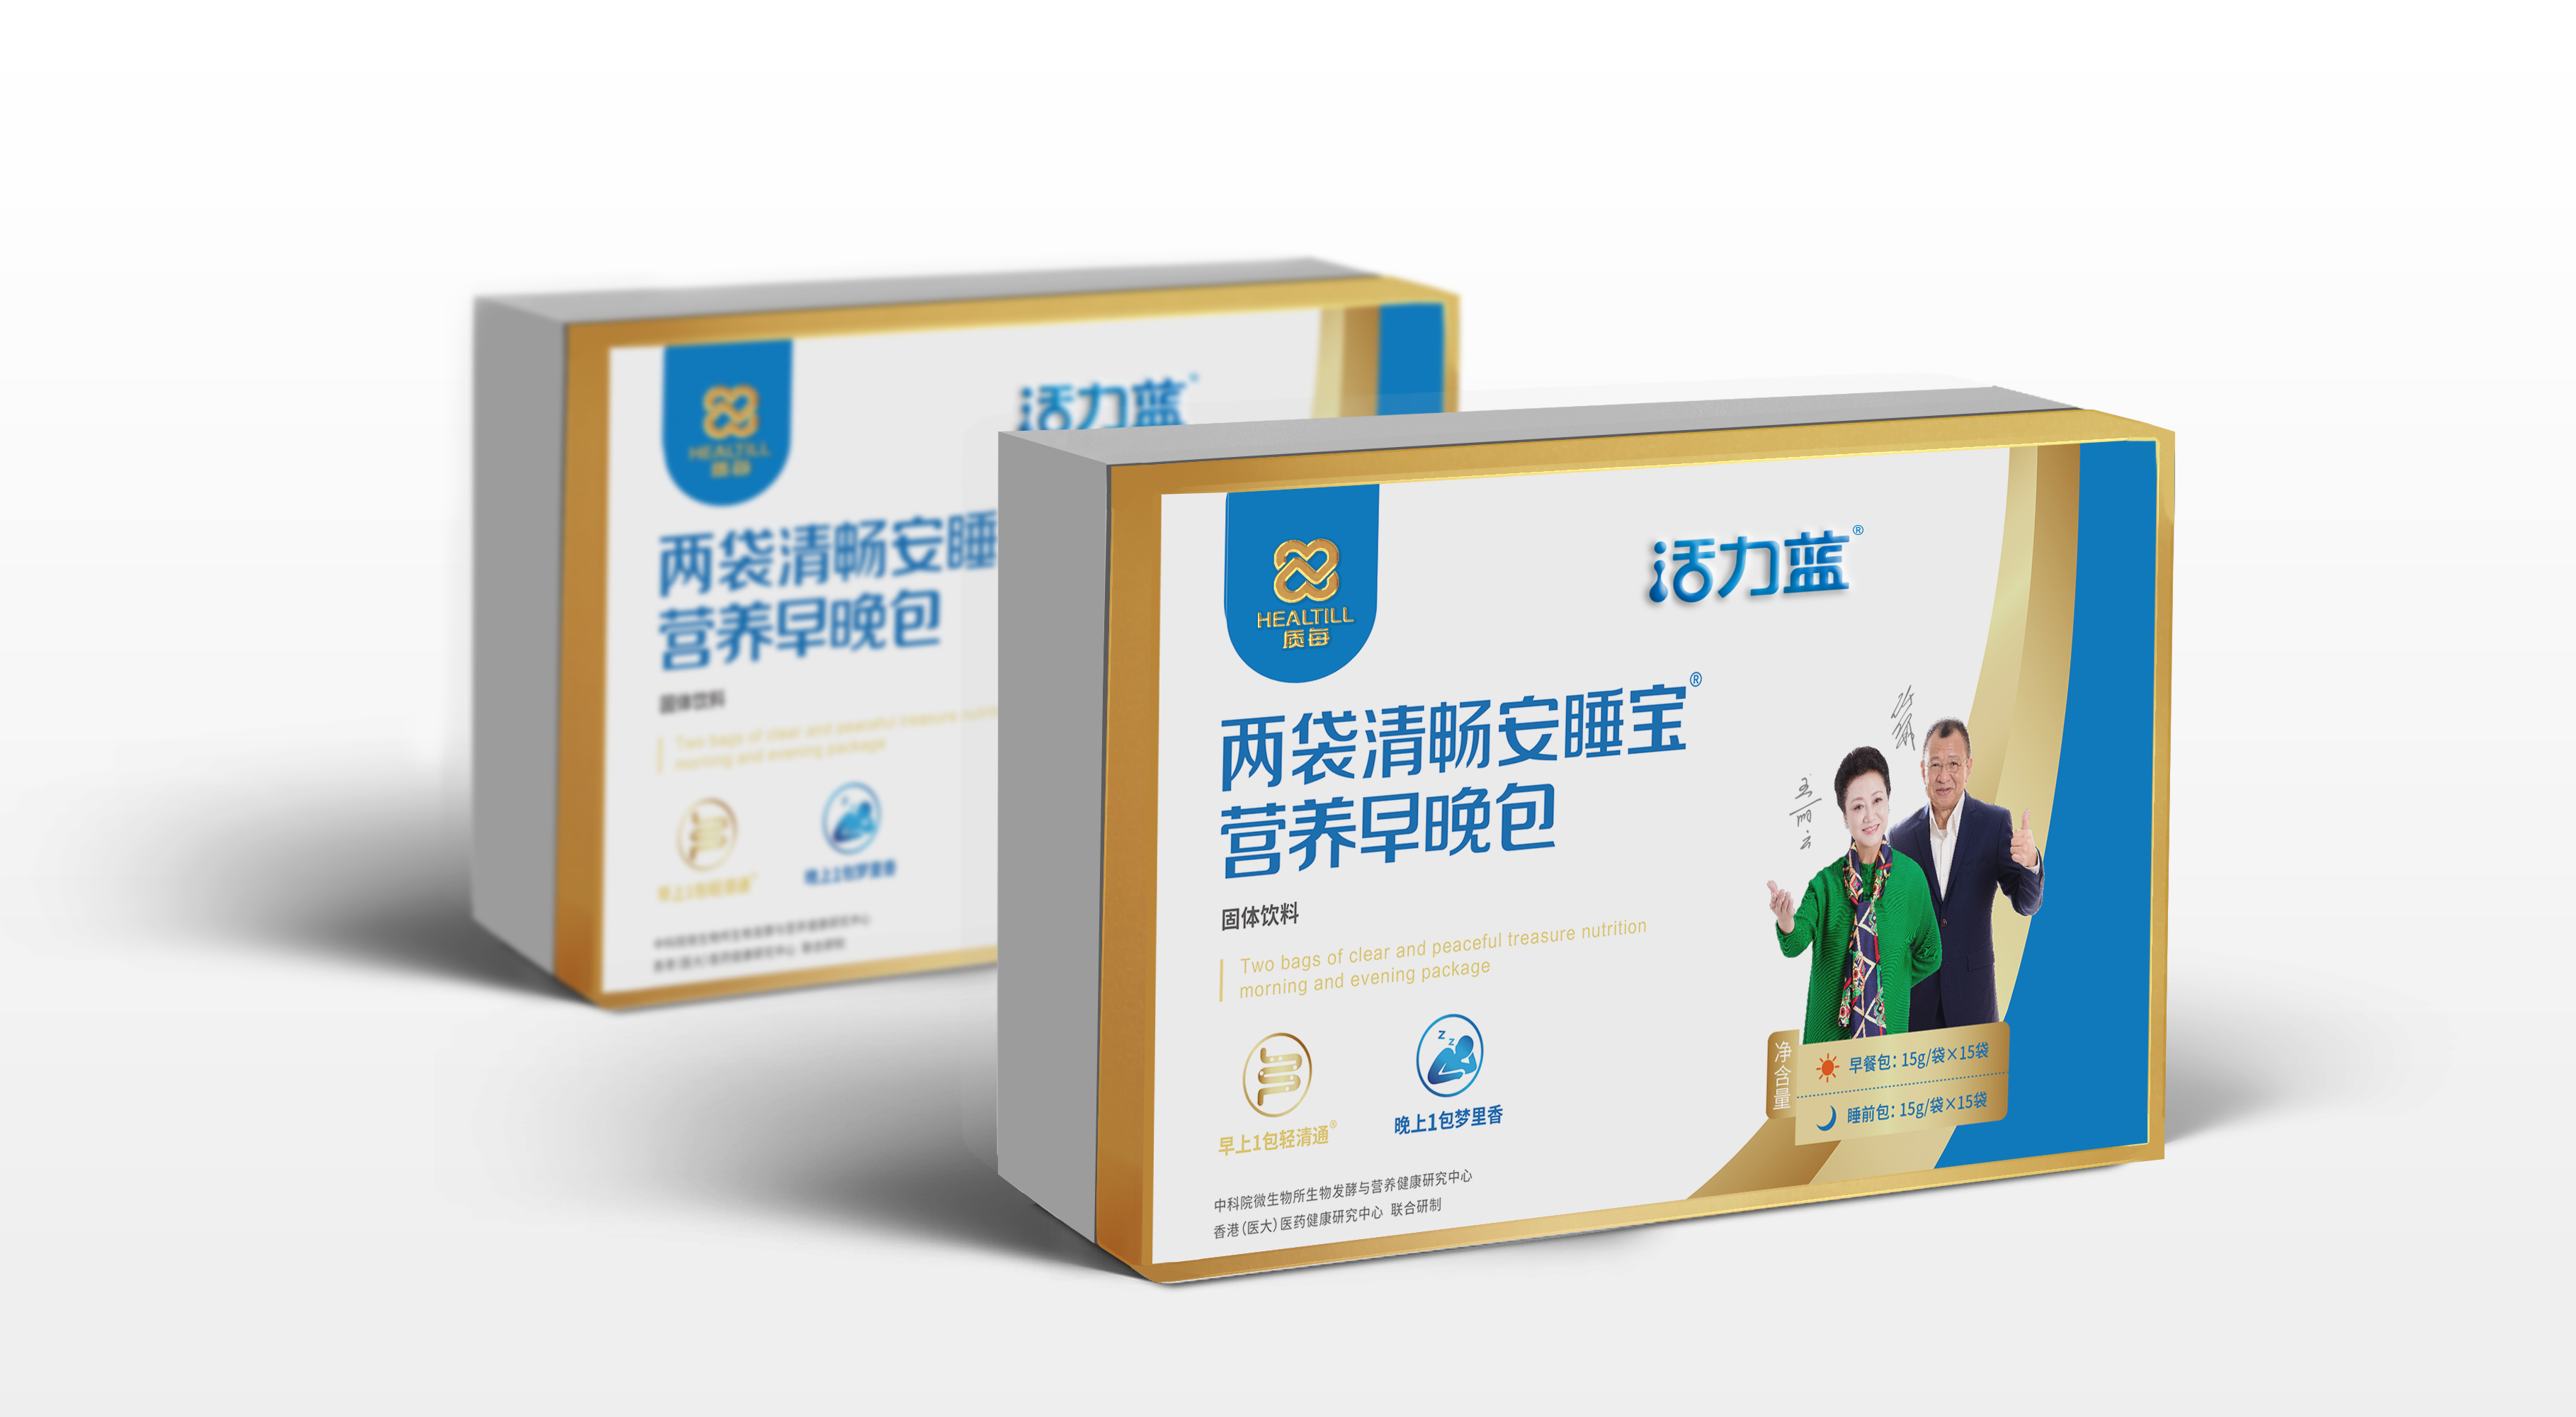 活力藍品牌包裝設計